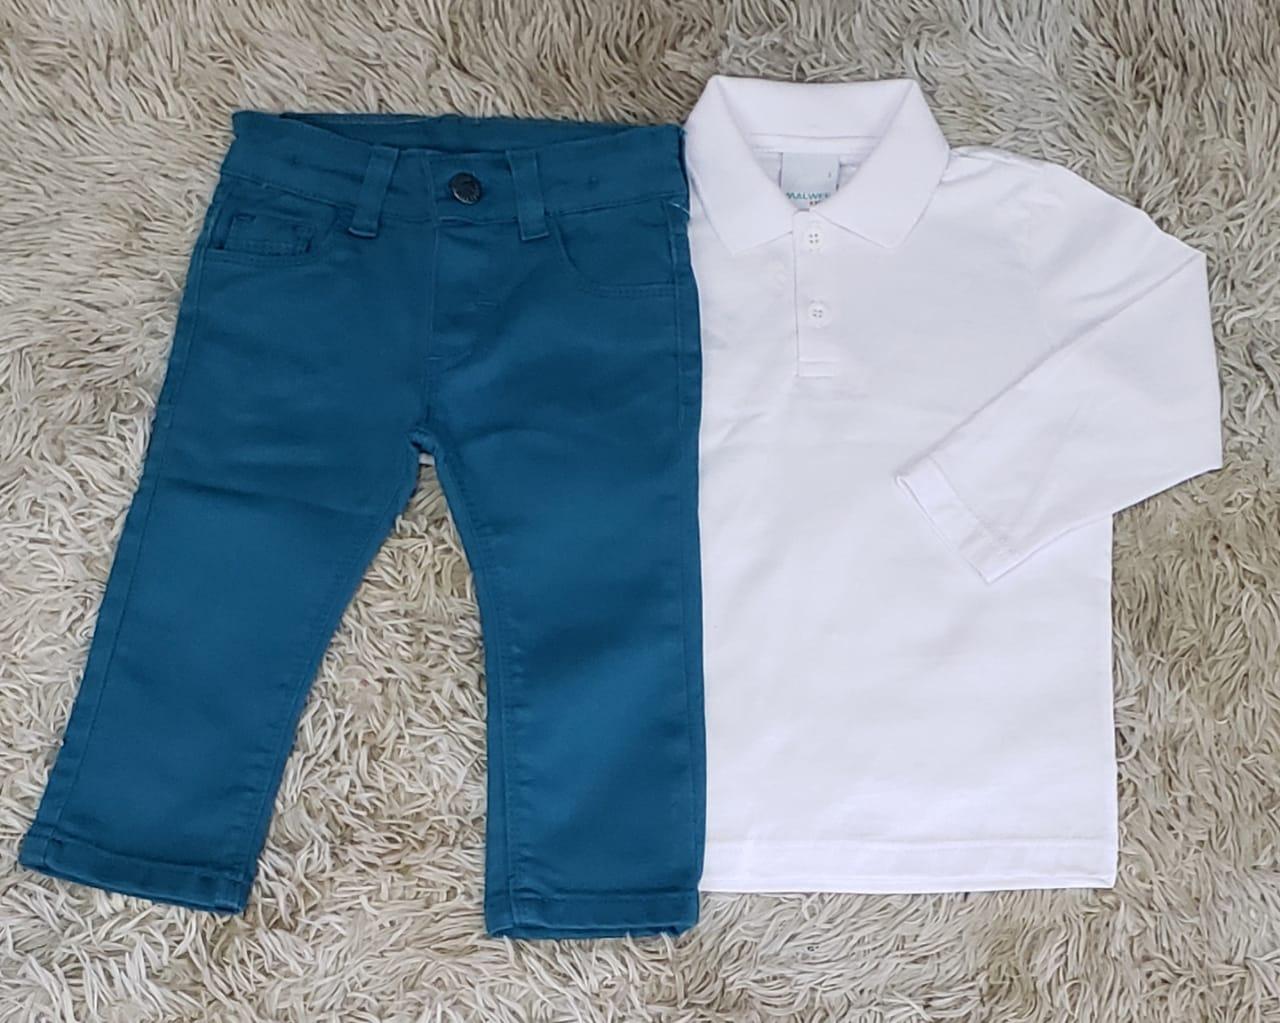 Calça Jeans Azul Petróleo com Polo Manga Longa Branca